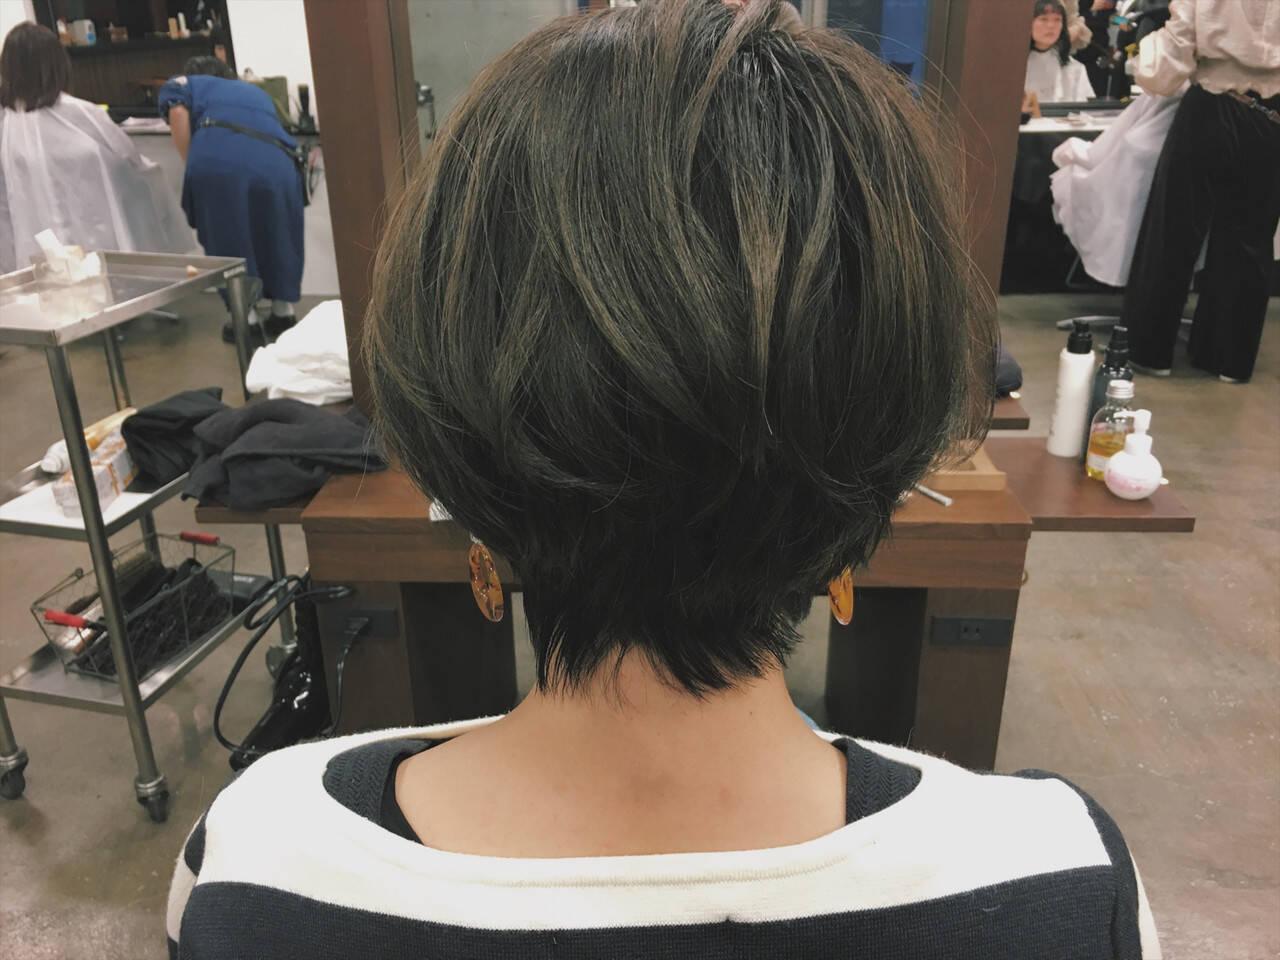 ナチュラル 大人女子 大人ショート ショートボブヘアスタイルや髪型の写真・画像